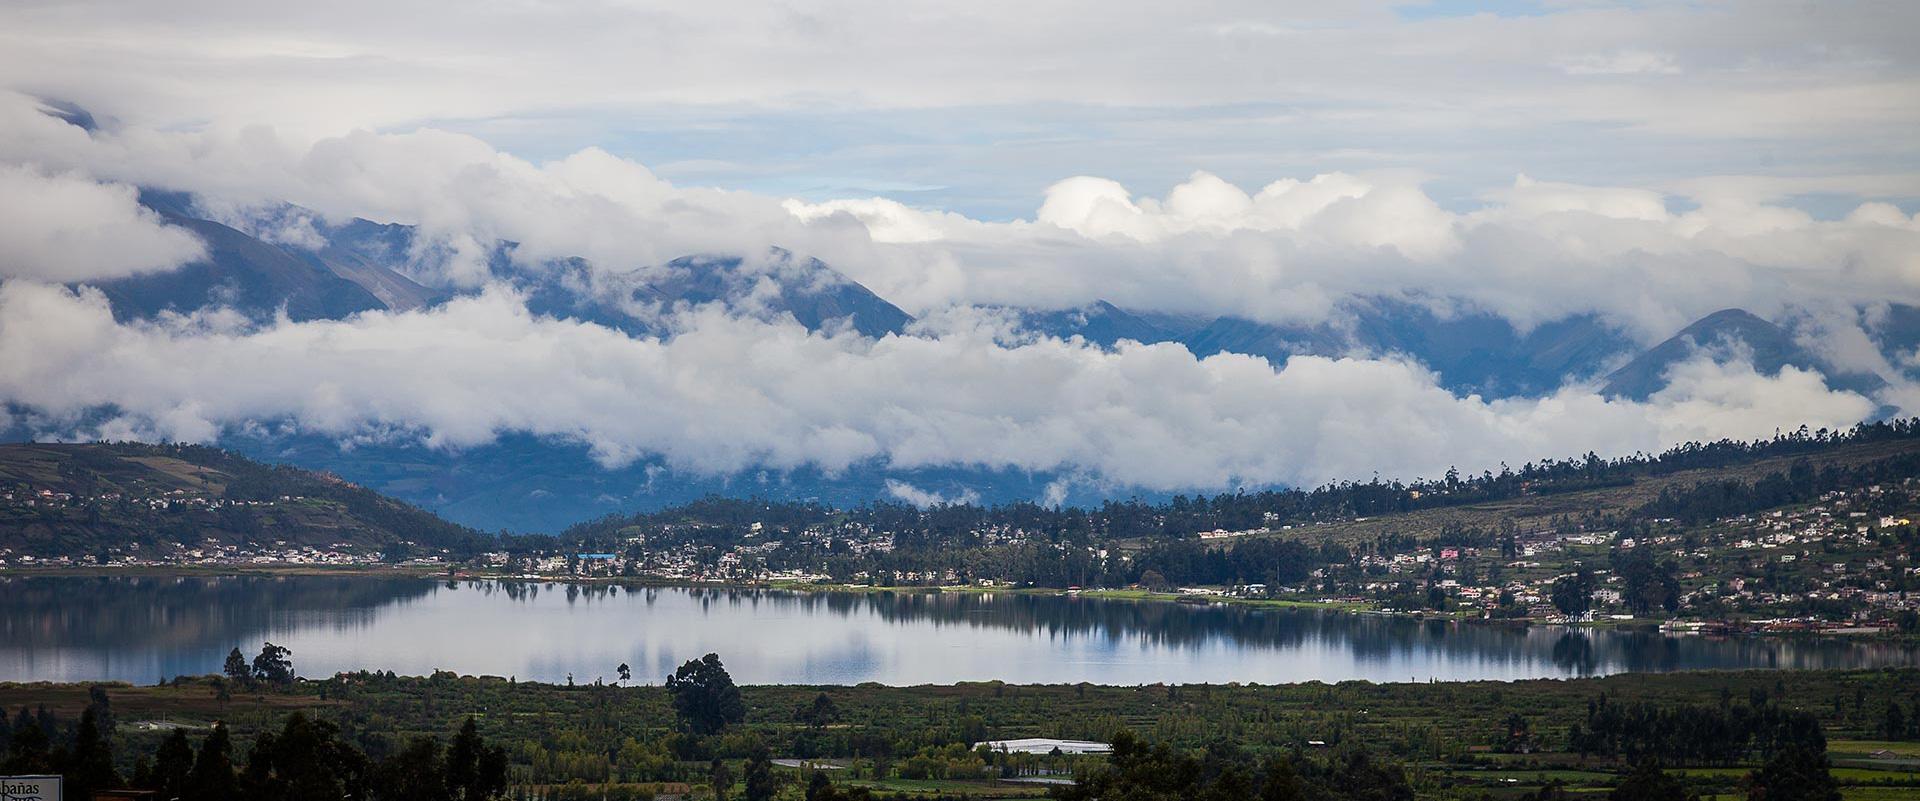 Cotacachi Volcano Tren de la Libertad Landscape